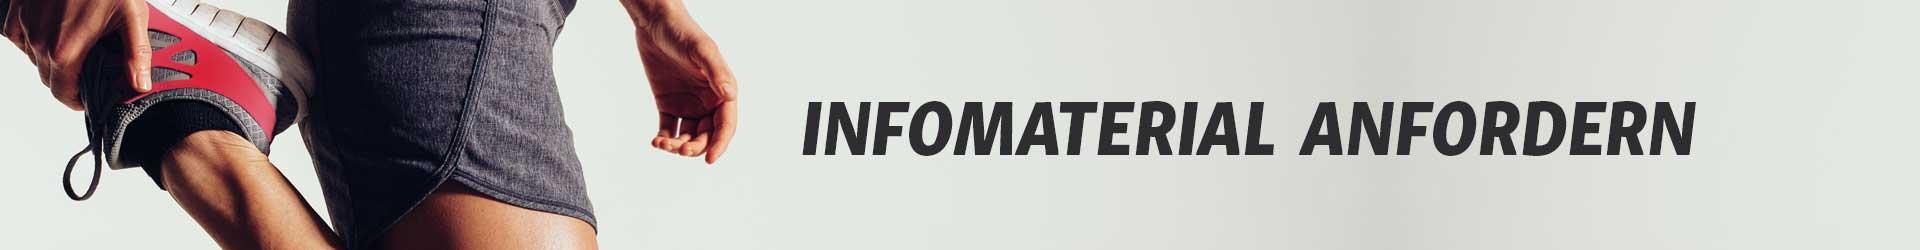 Infomaterial anfordern Banner - Fitnesstrainer